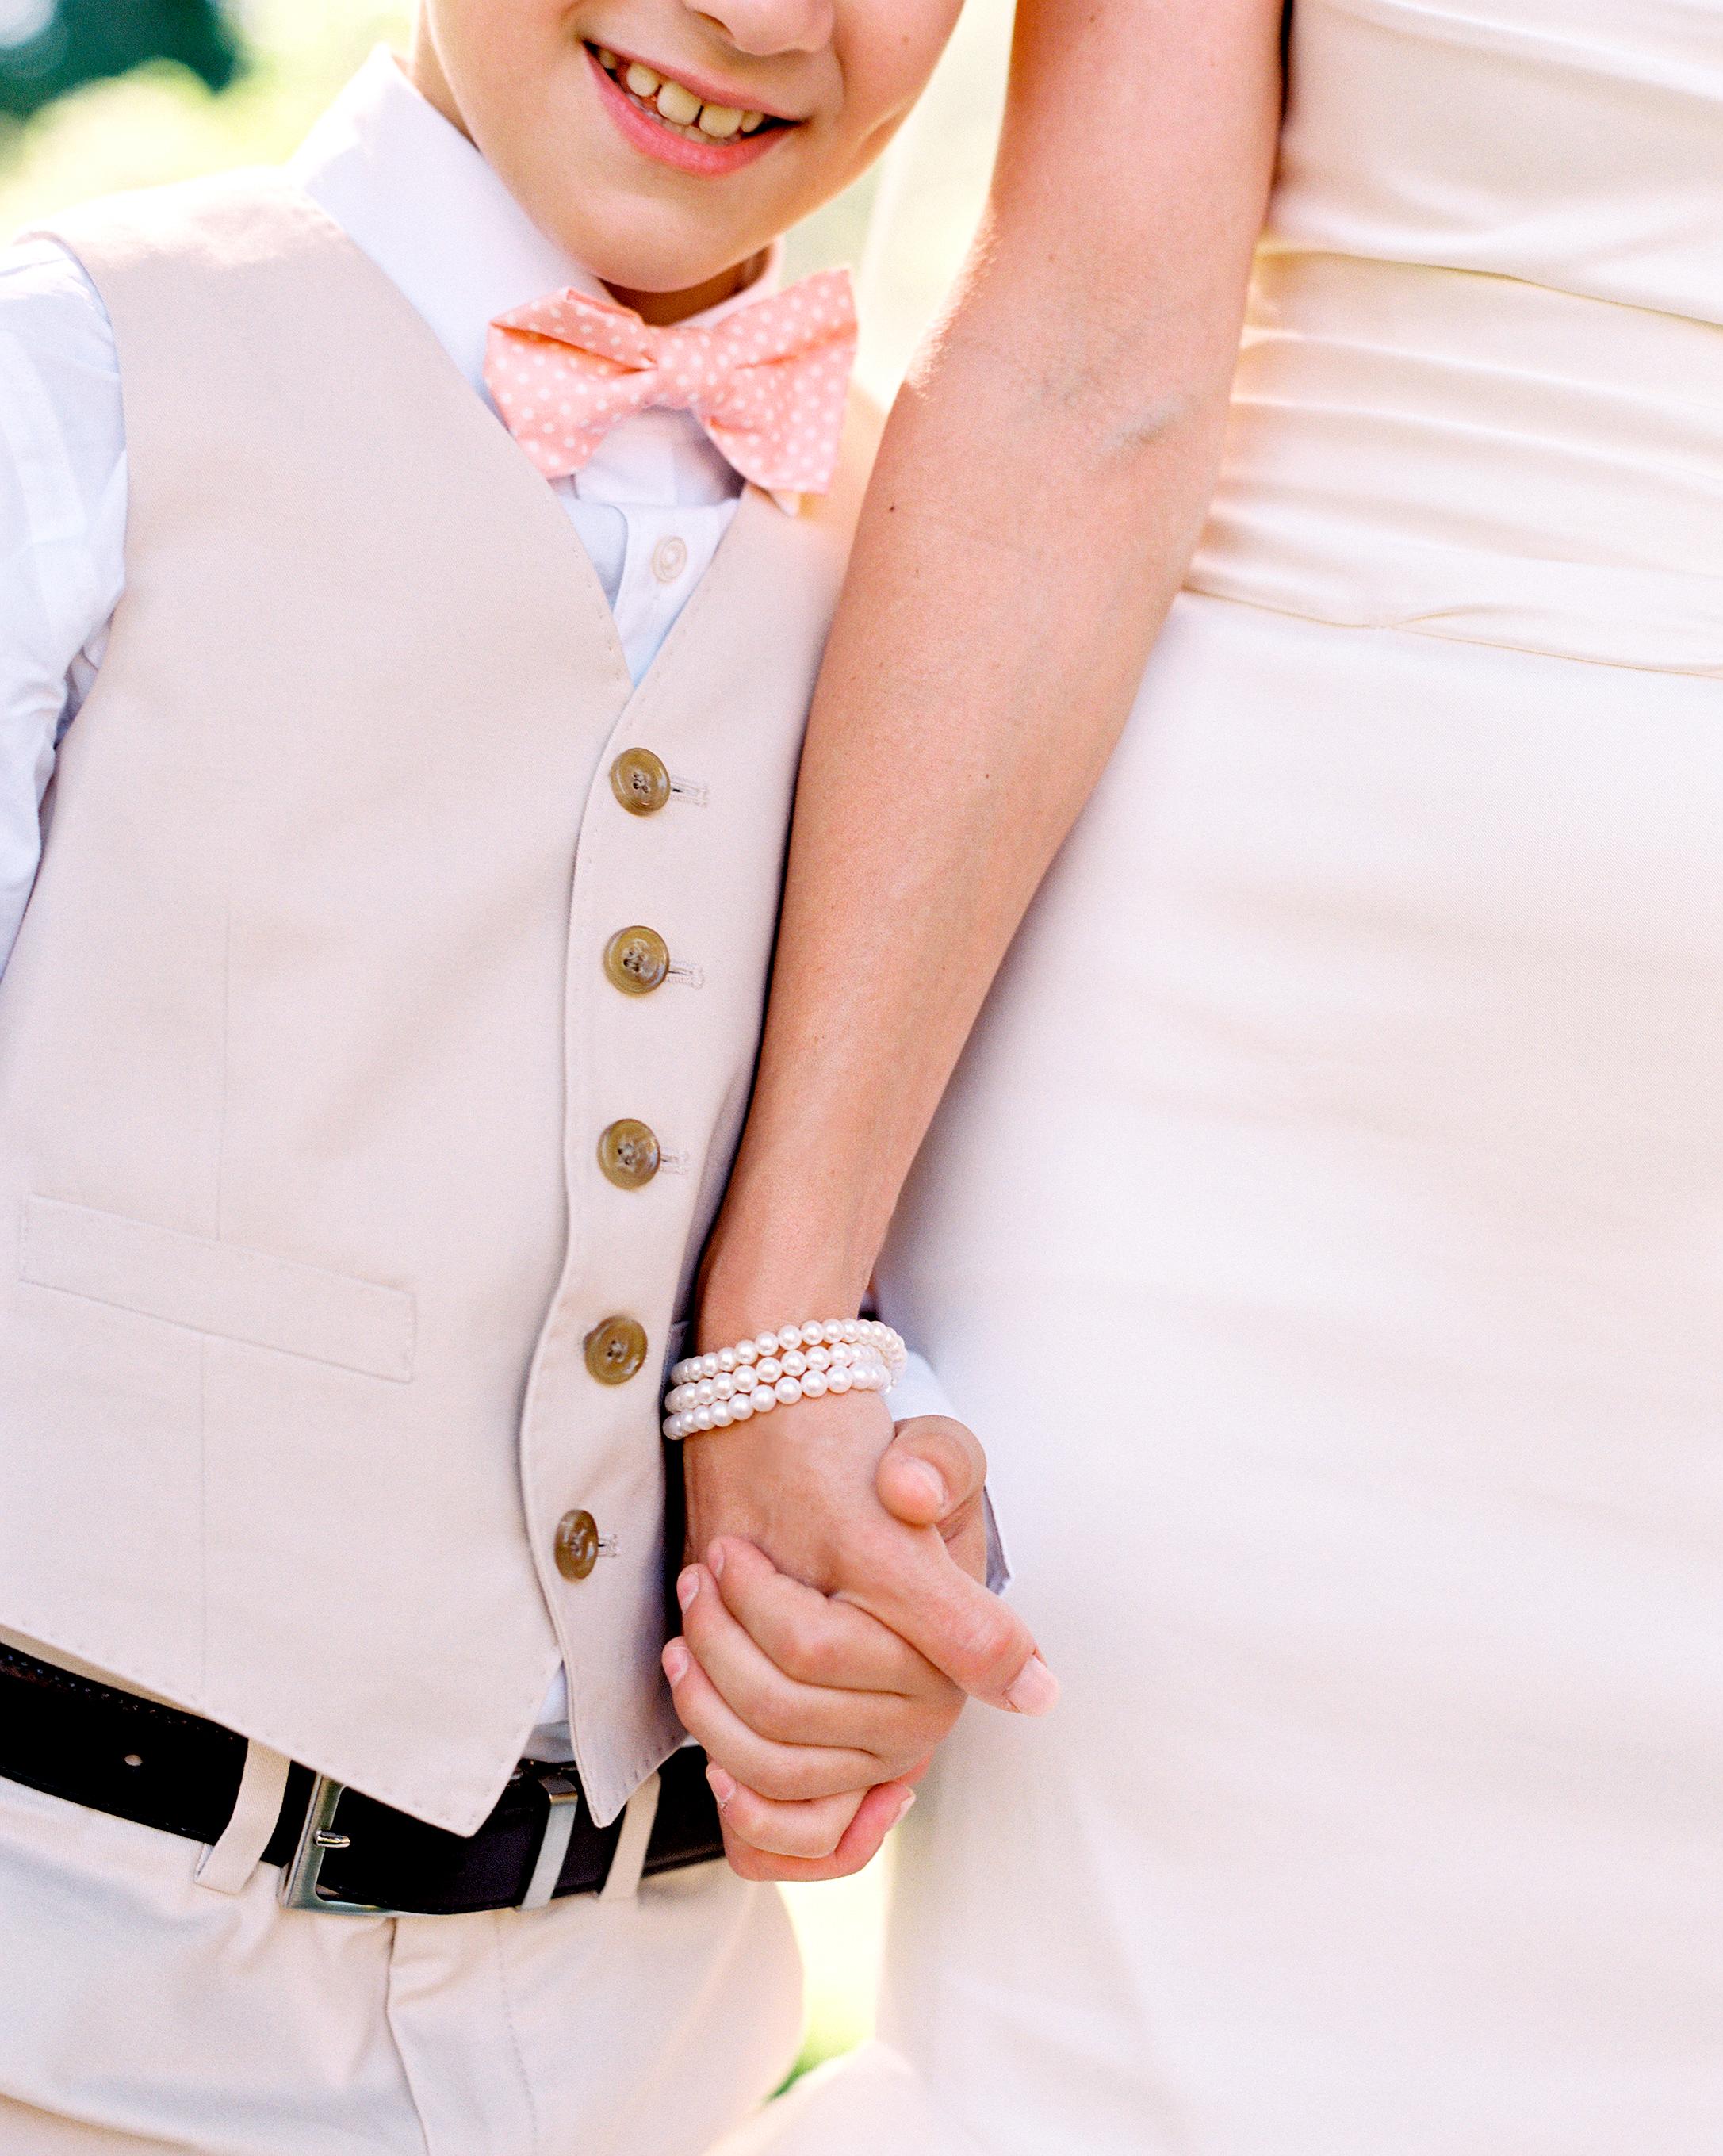 joanna-kyle-real-wedding-008975-r1-015-d111223-0814.jpg